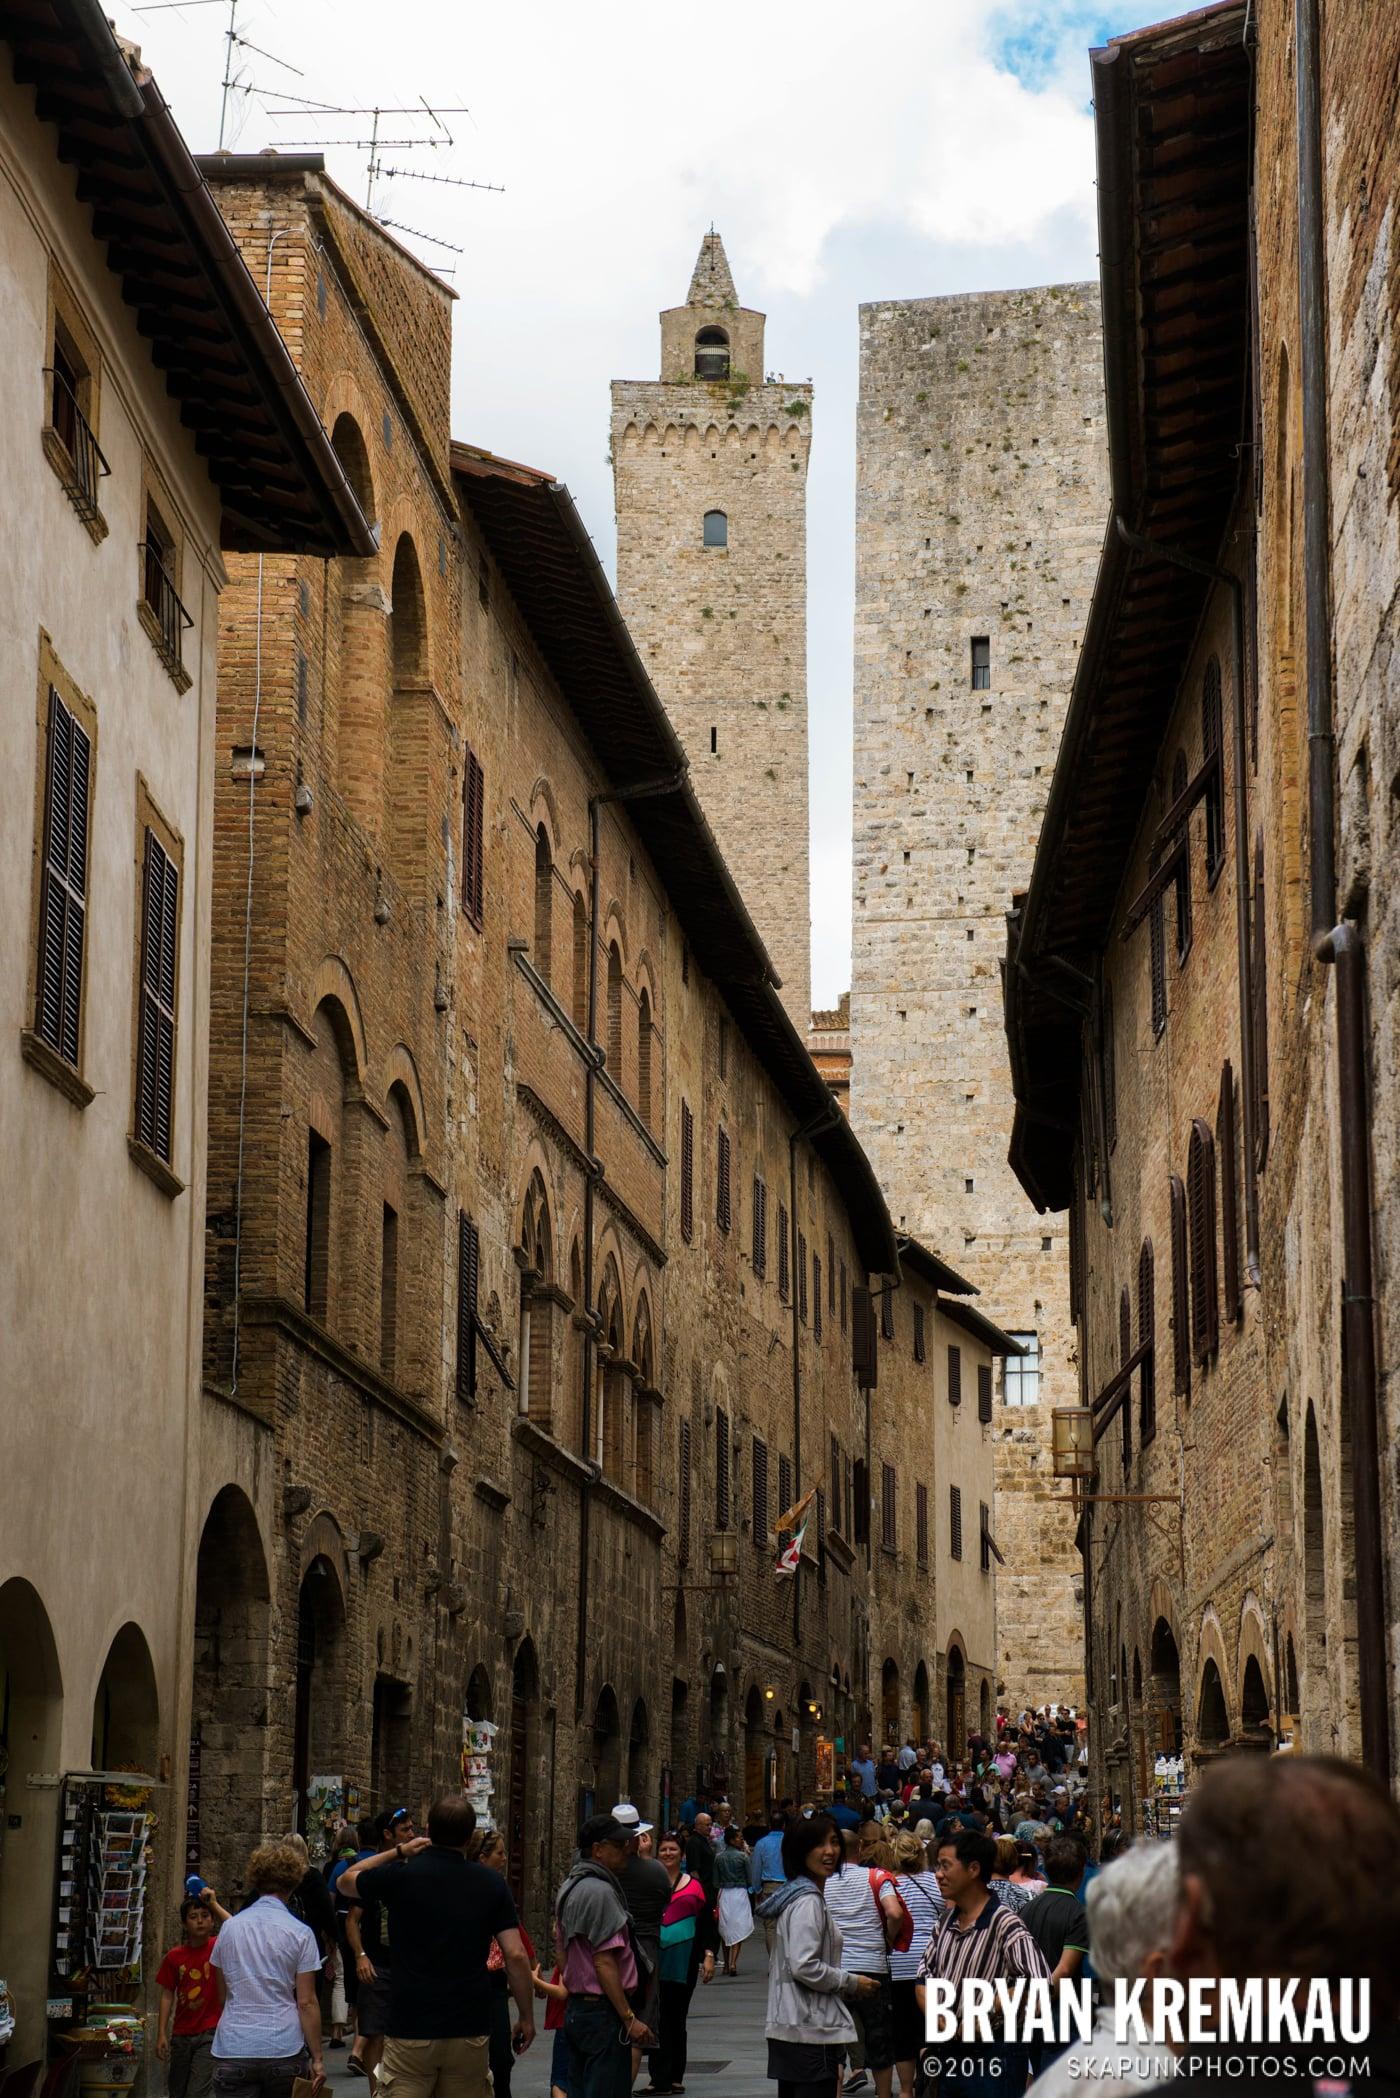 Italy Vacation - Day 8: Siena, San Gimignano, Chianti, Pisa - 9.16.13 (73)